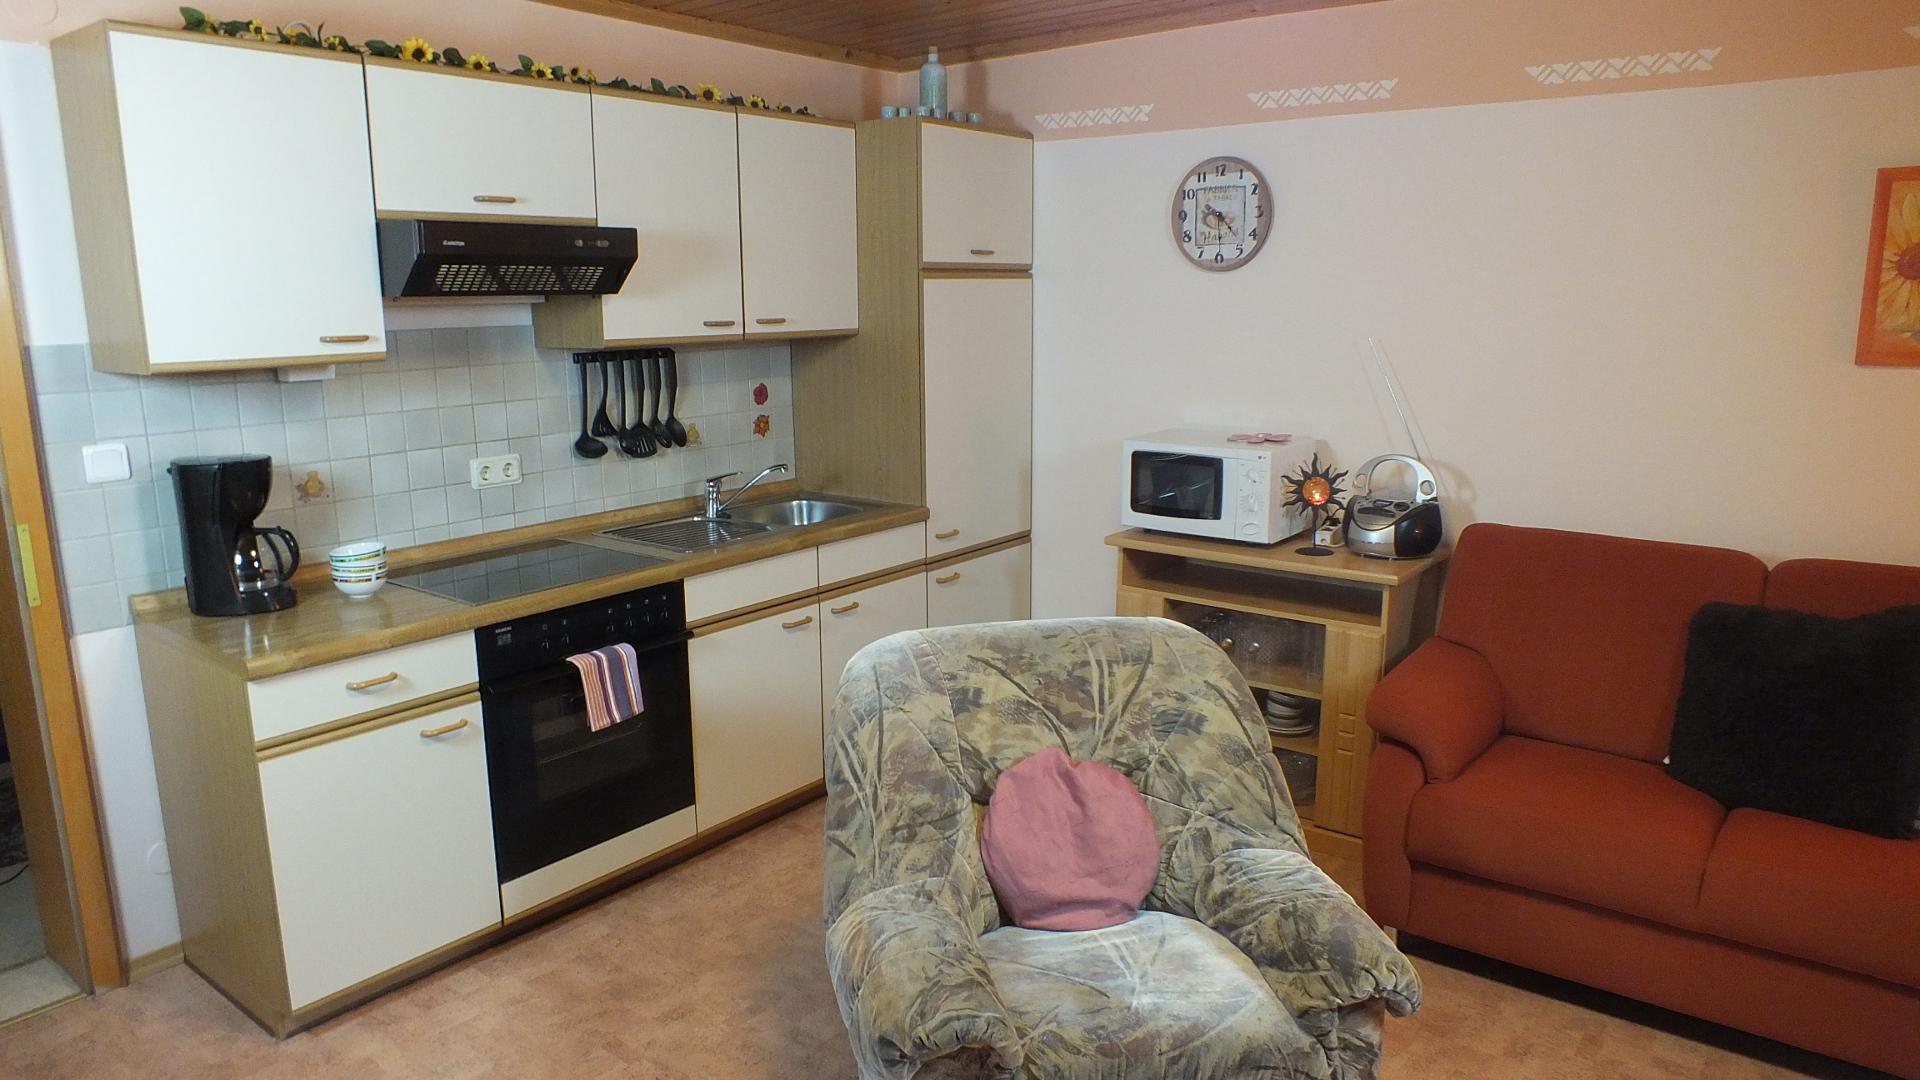 Ferienwohnung Morgenrot 3 - Küche